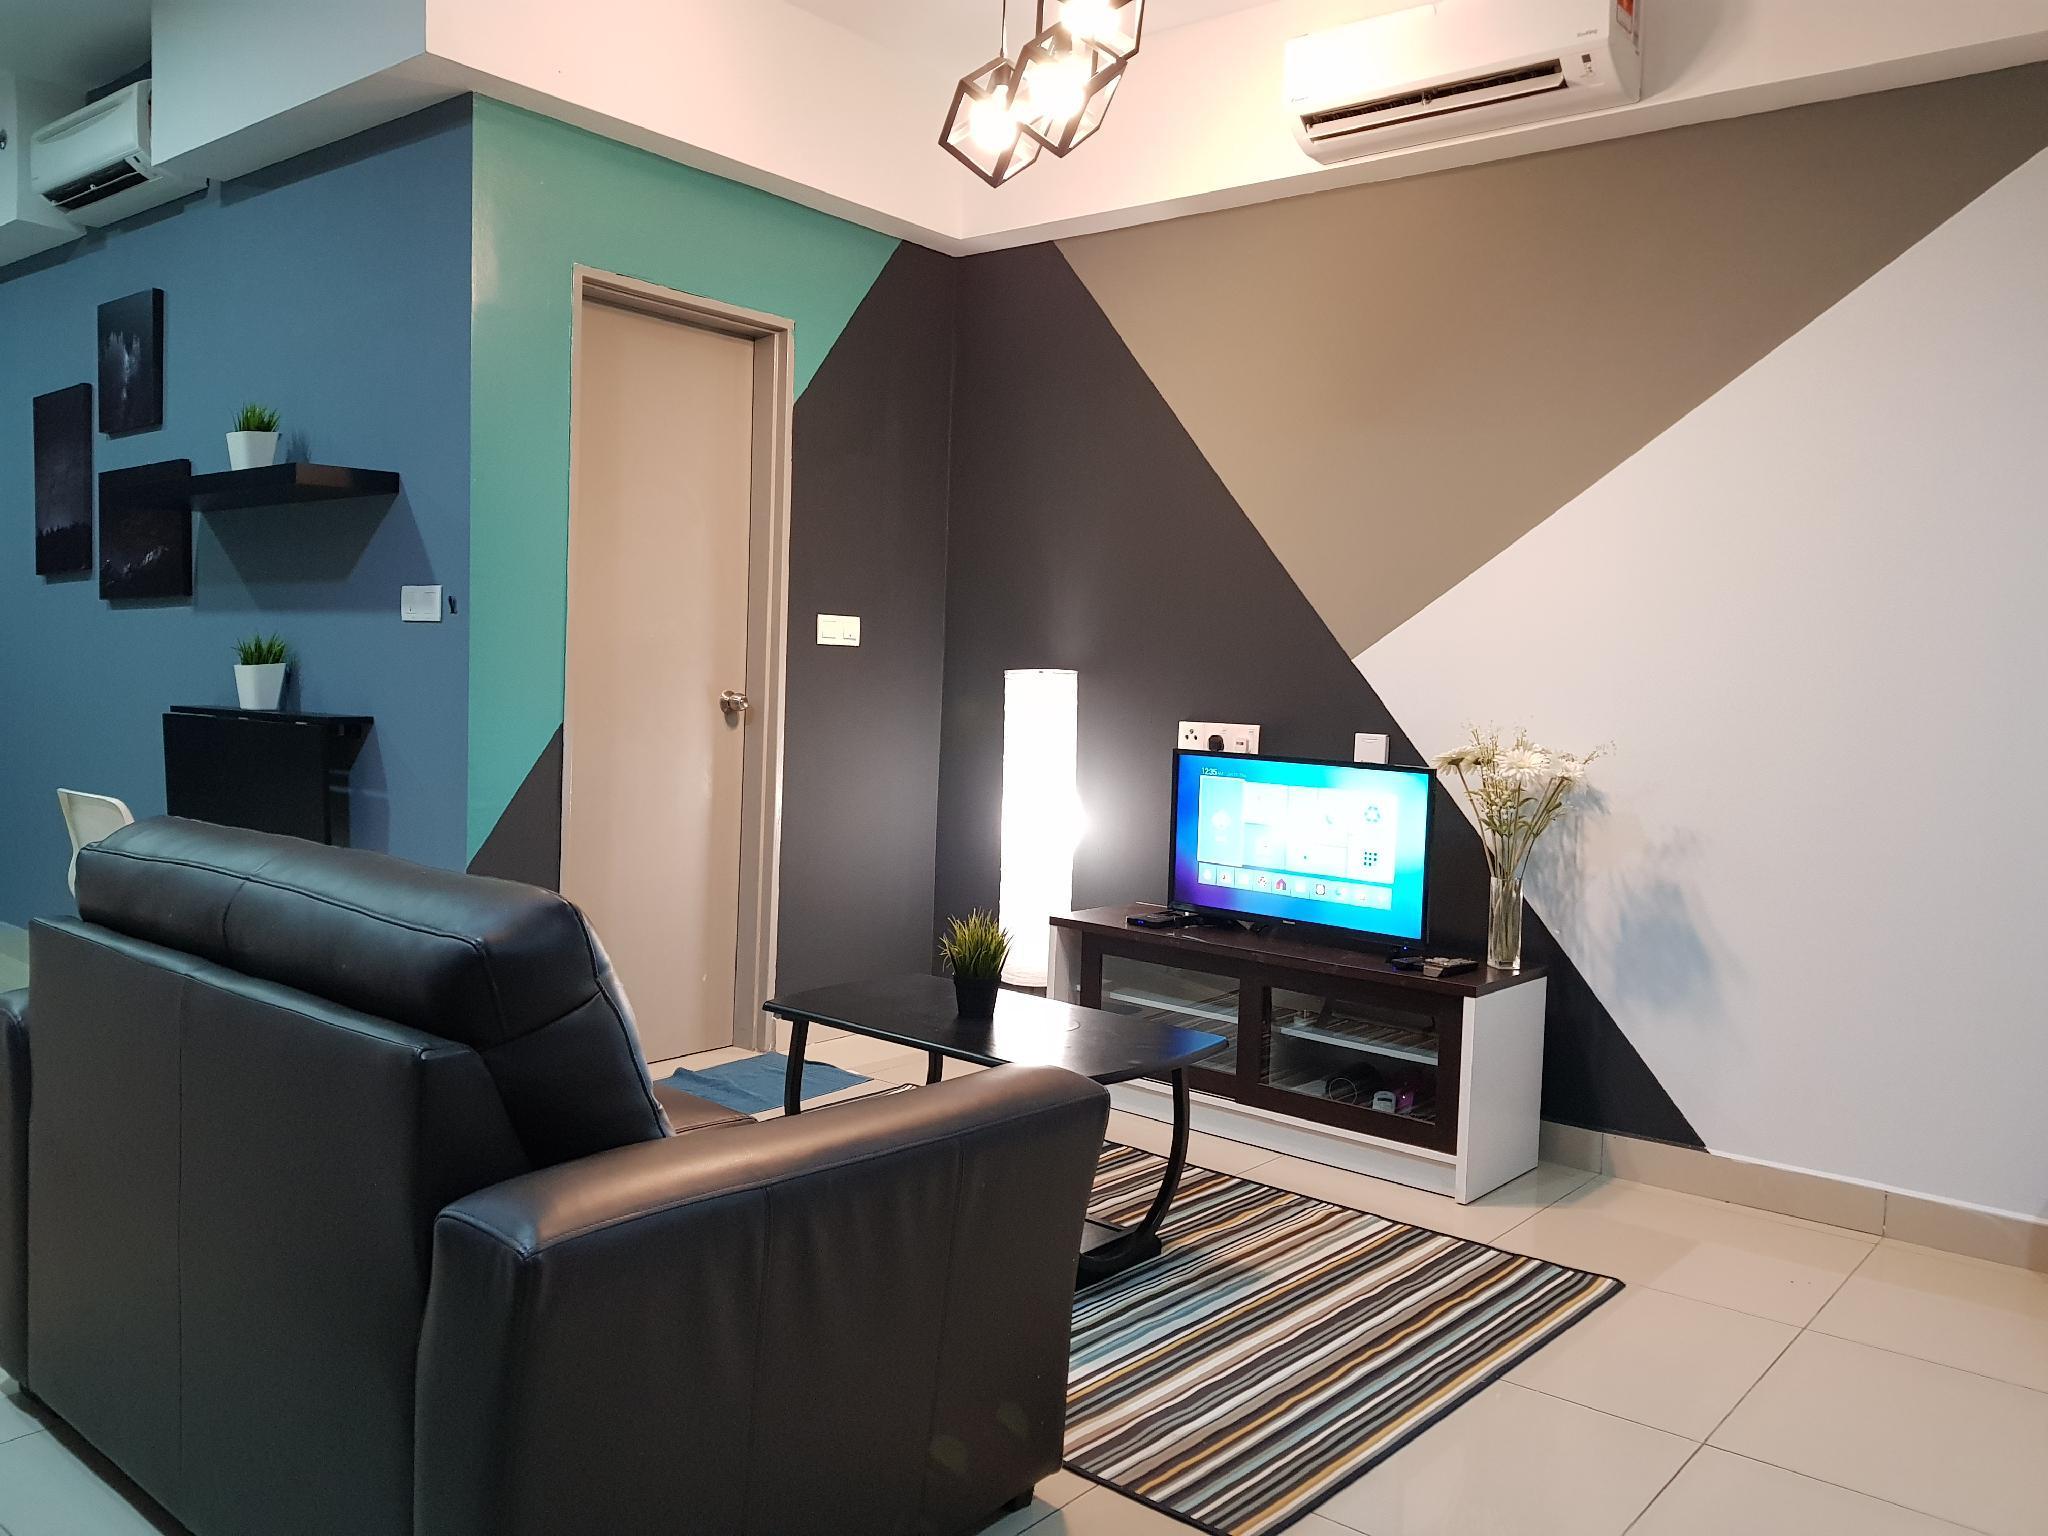 Studio Rooms + 3 Pax @ Hyve SOHO Suites